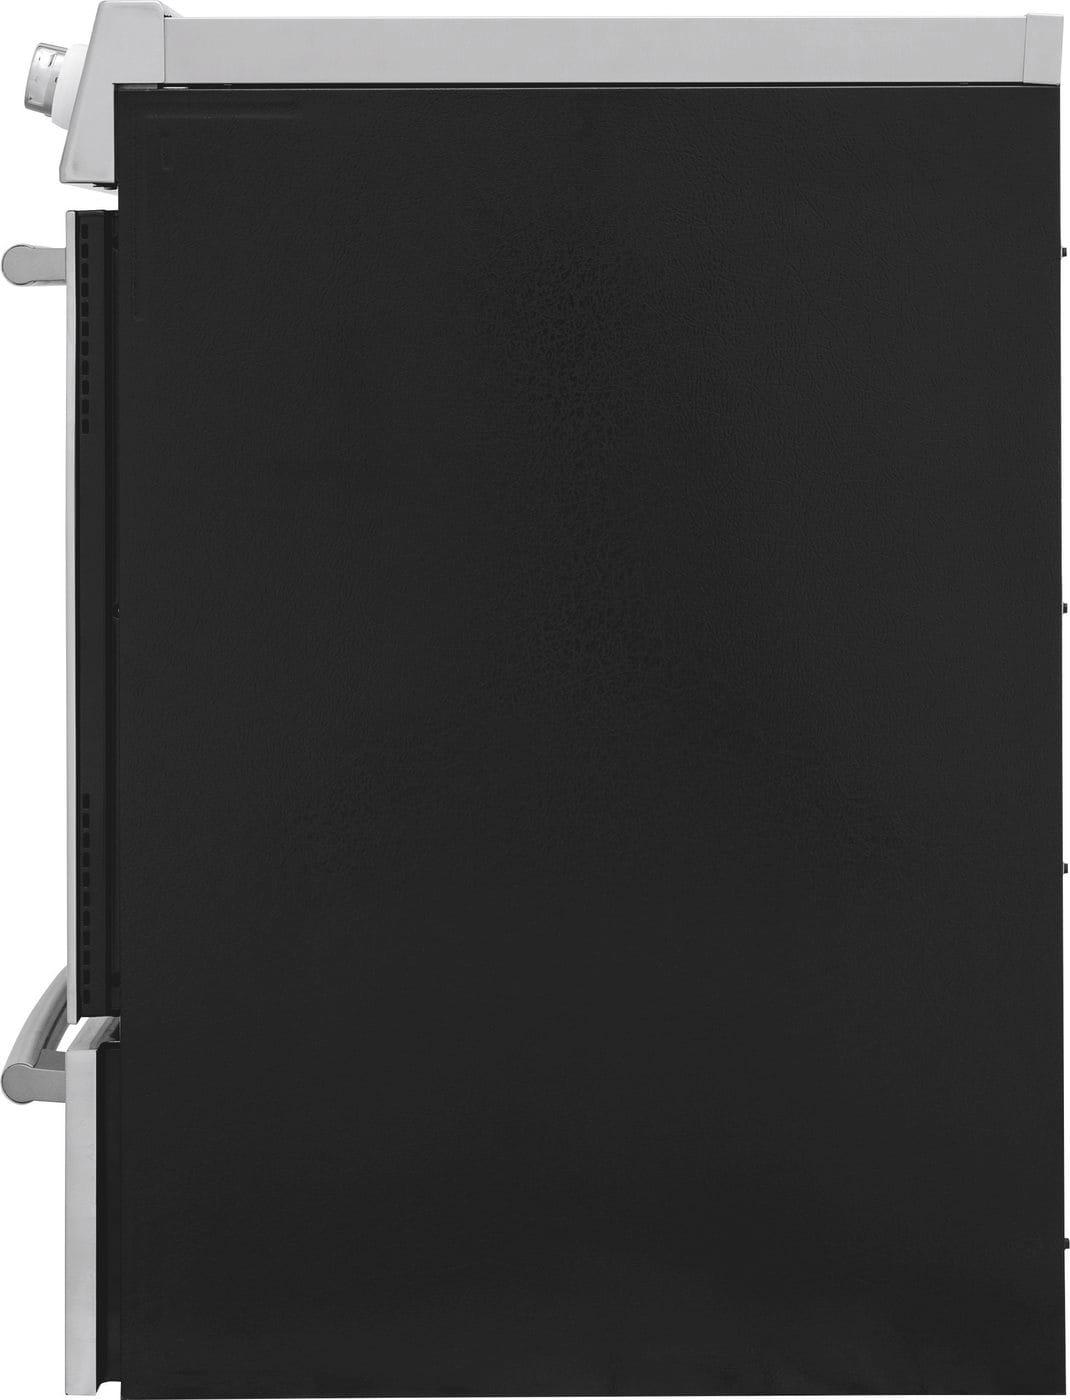 Model: EI30EF45QS | 30